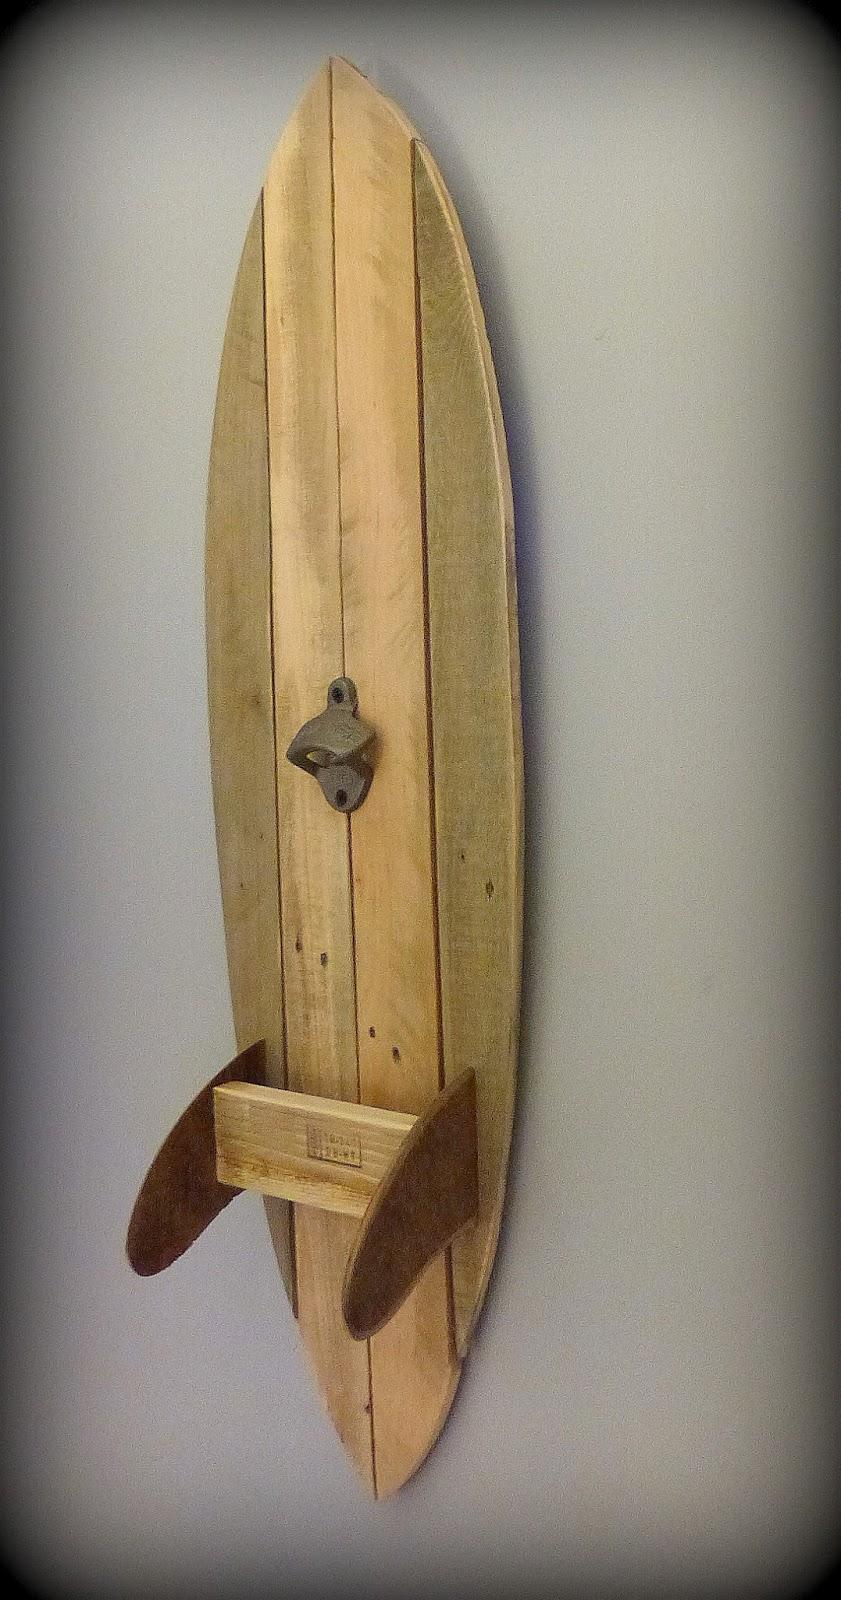 vague de fraicheur . création en bois flotté et matériaux de